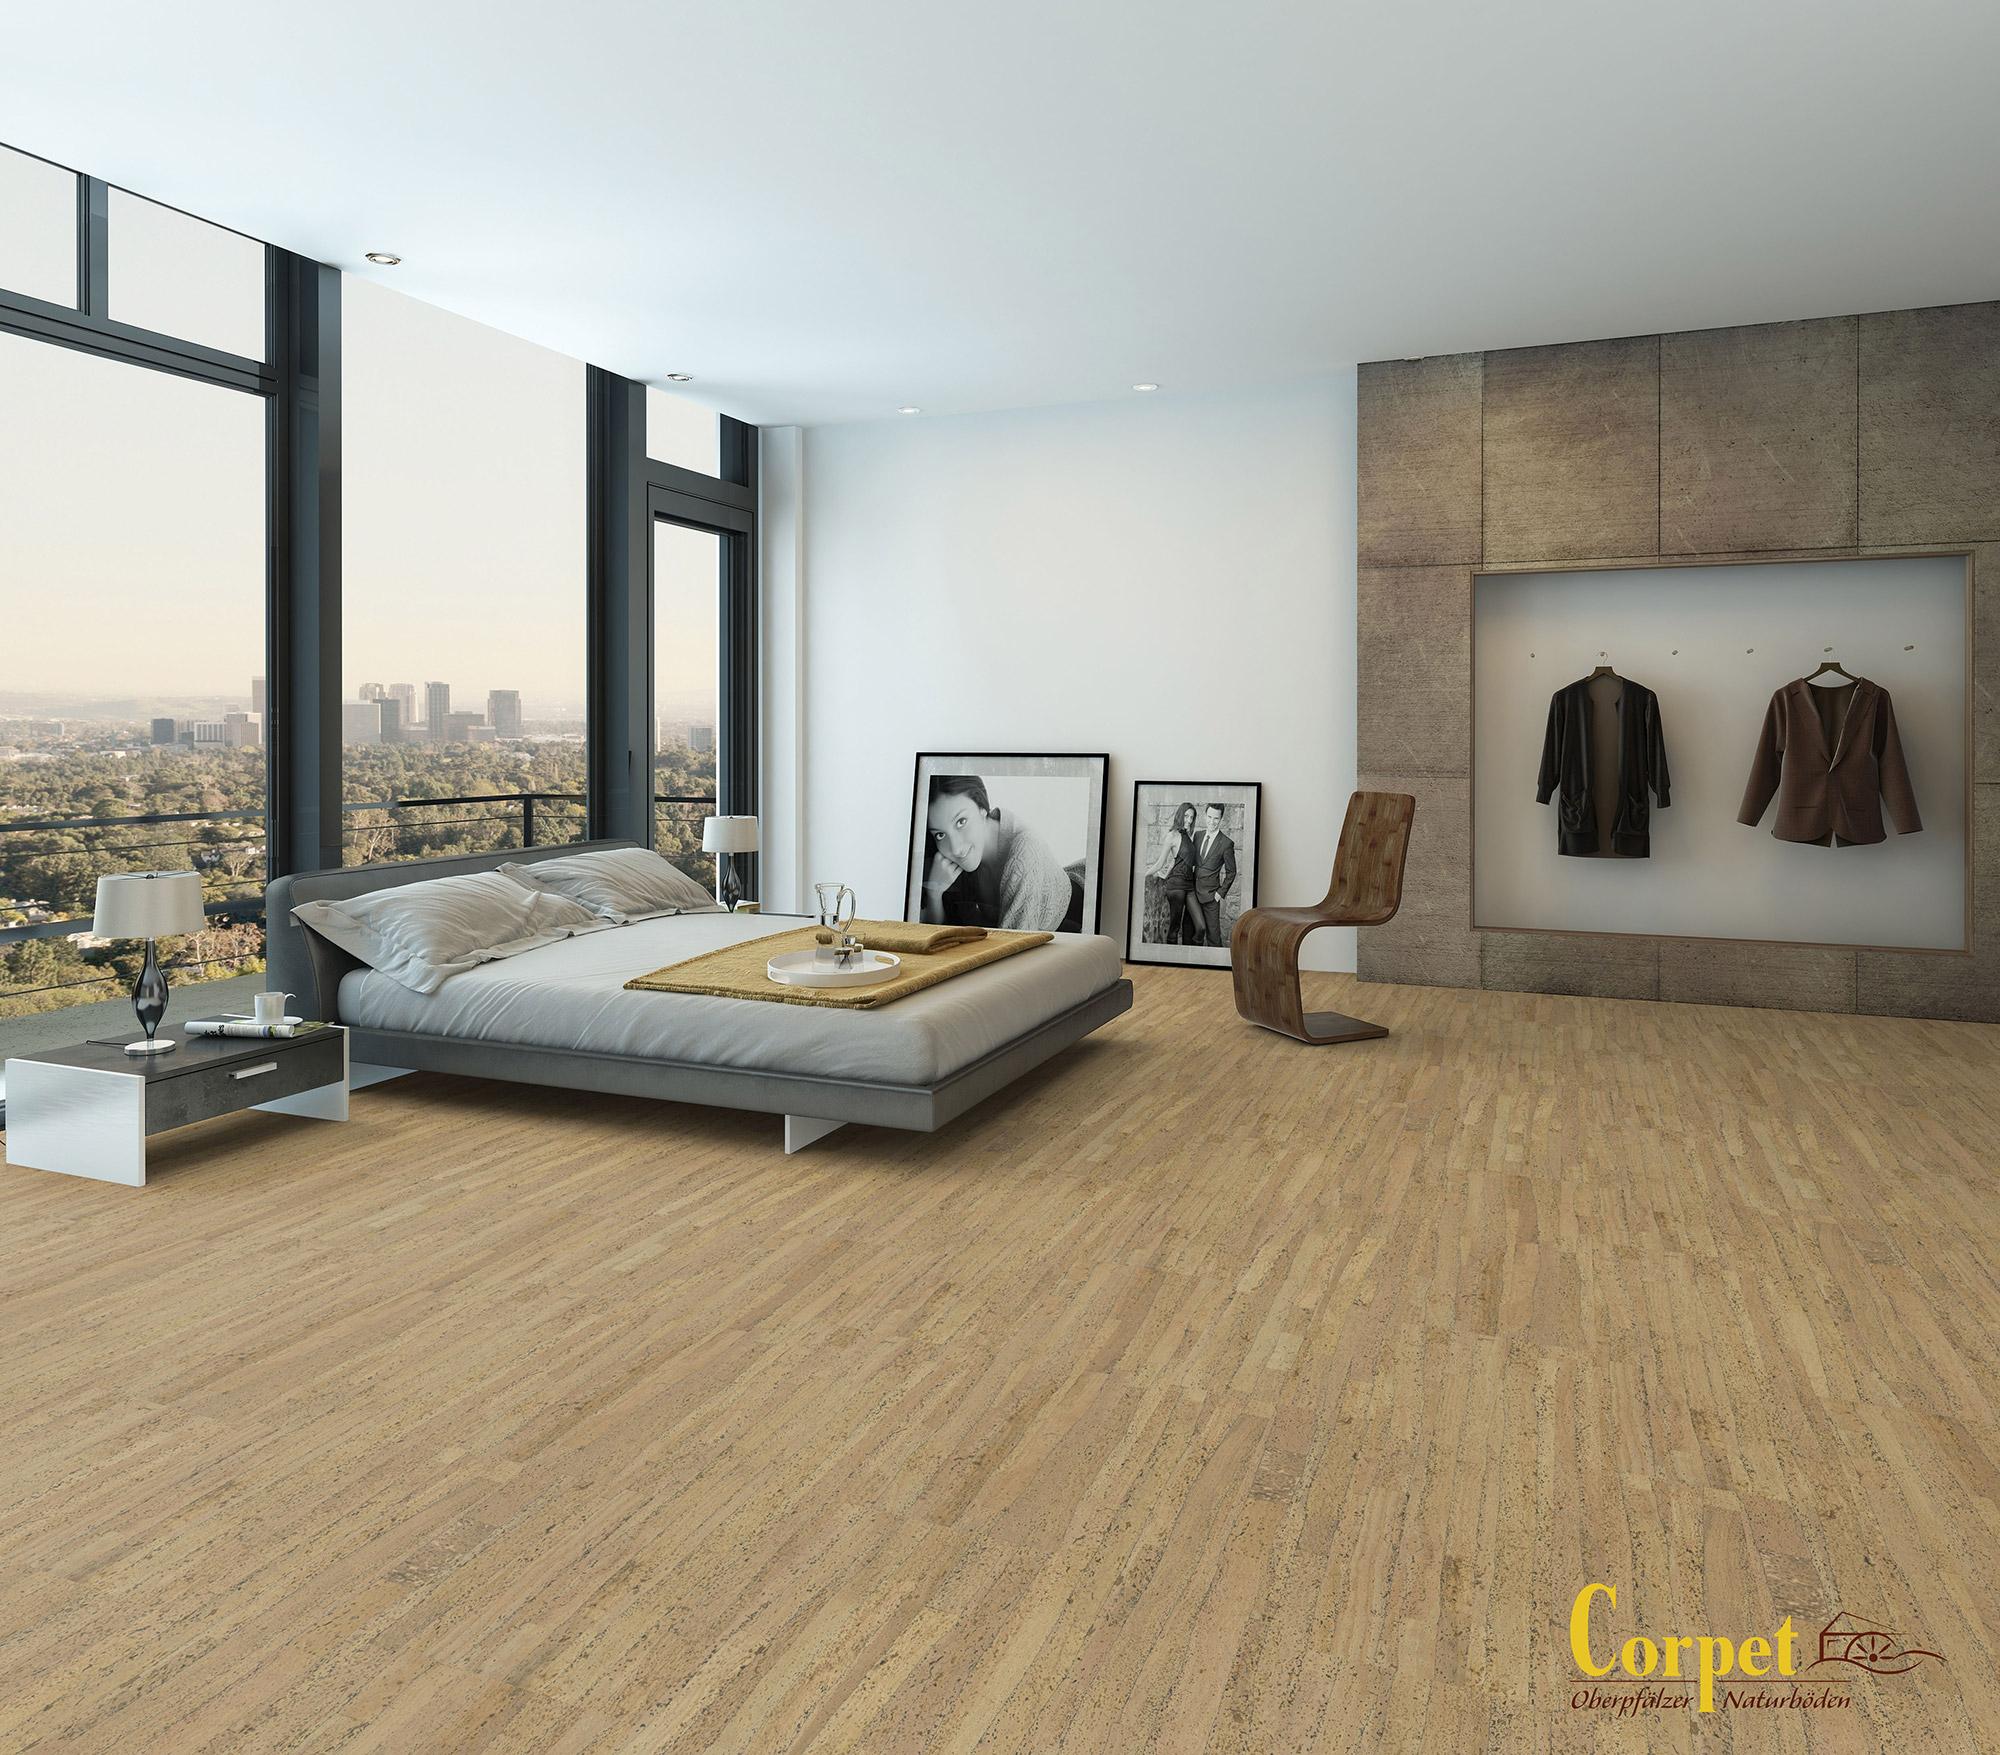 very bodenbelag schlafzimmer kork zt75 kyushucon. Black Bedroom Furniture Sets. Home Design Ideas